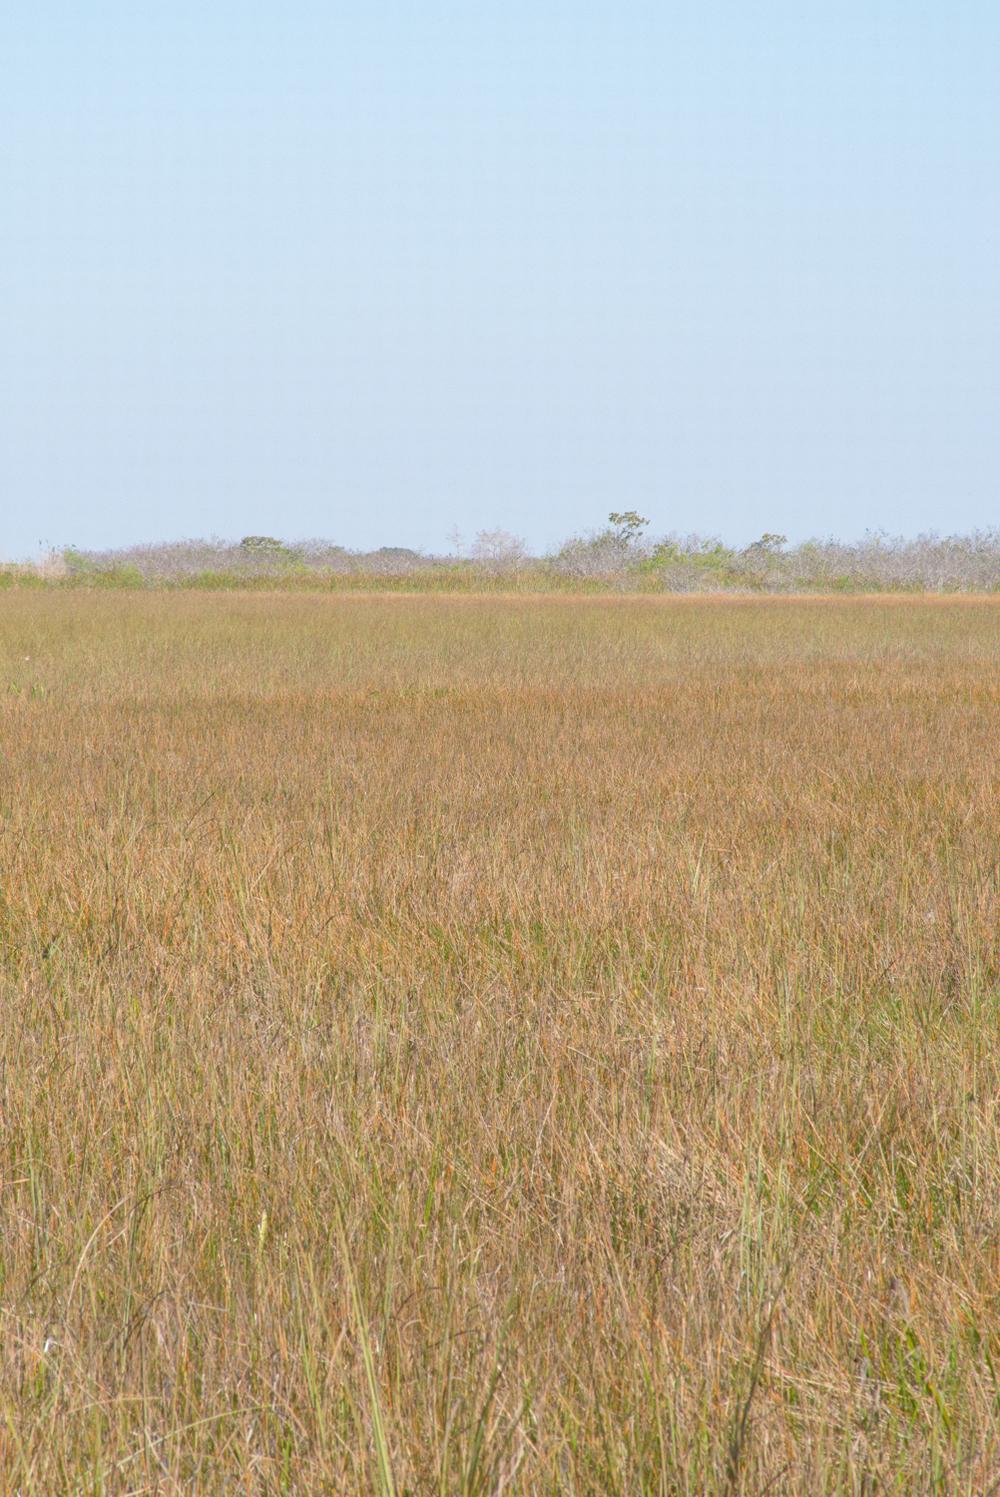 Grassland in Everglades